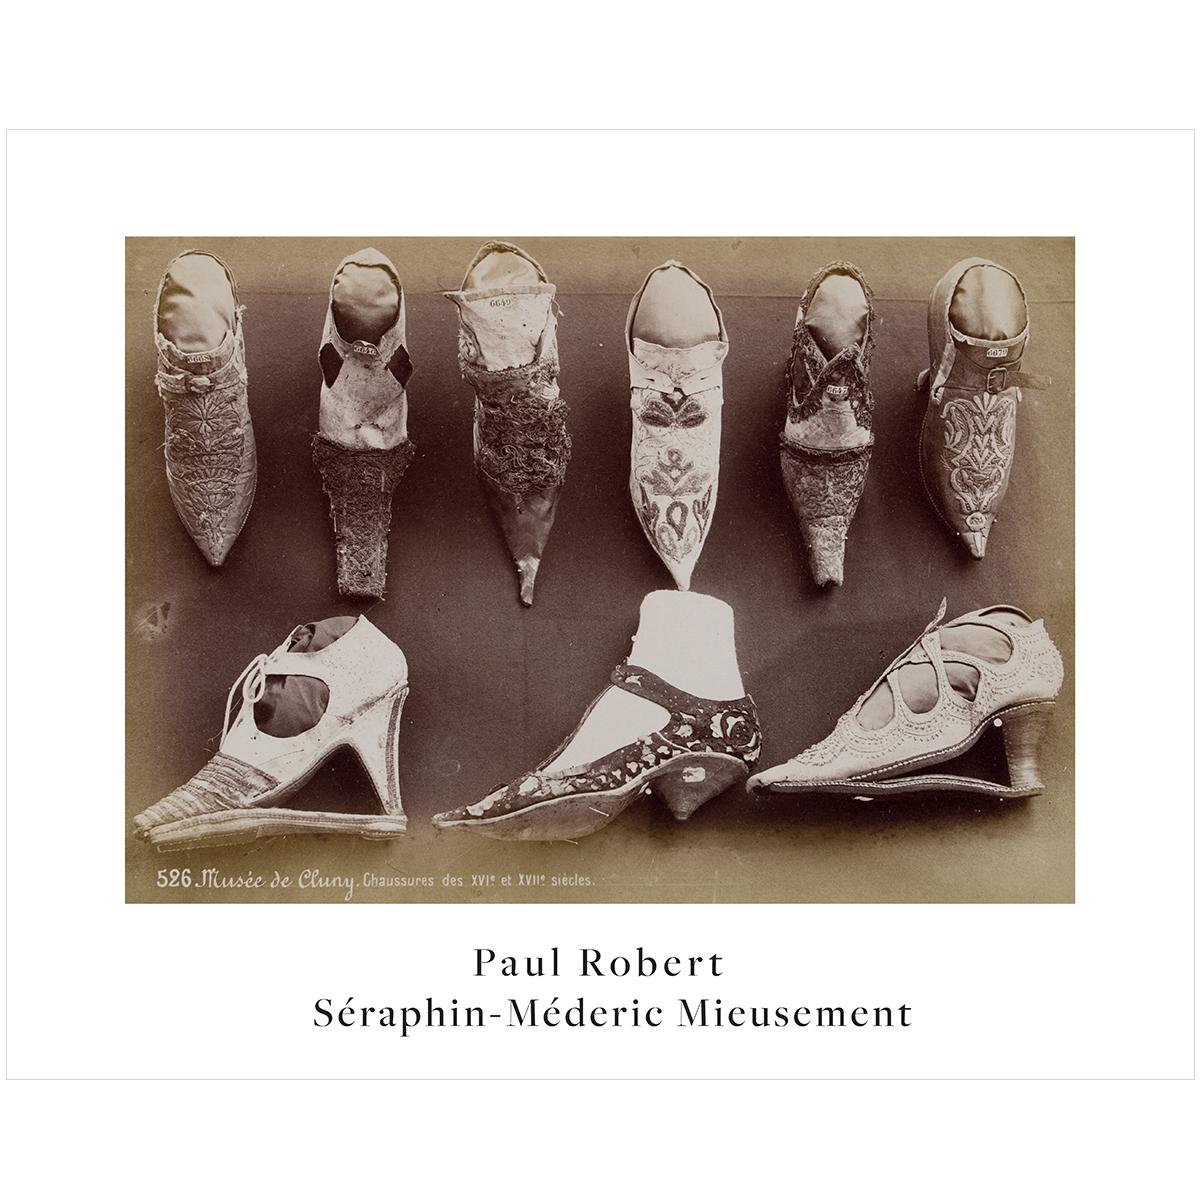 V&A Robert & Miuesement print